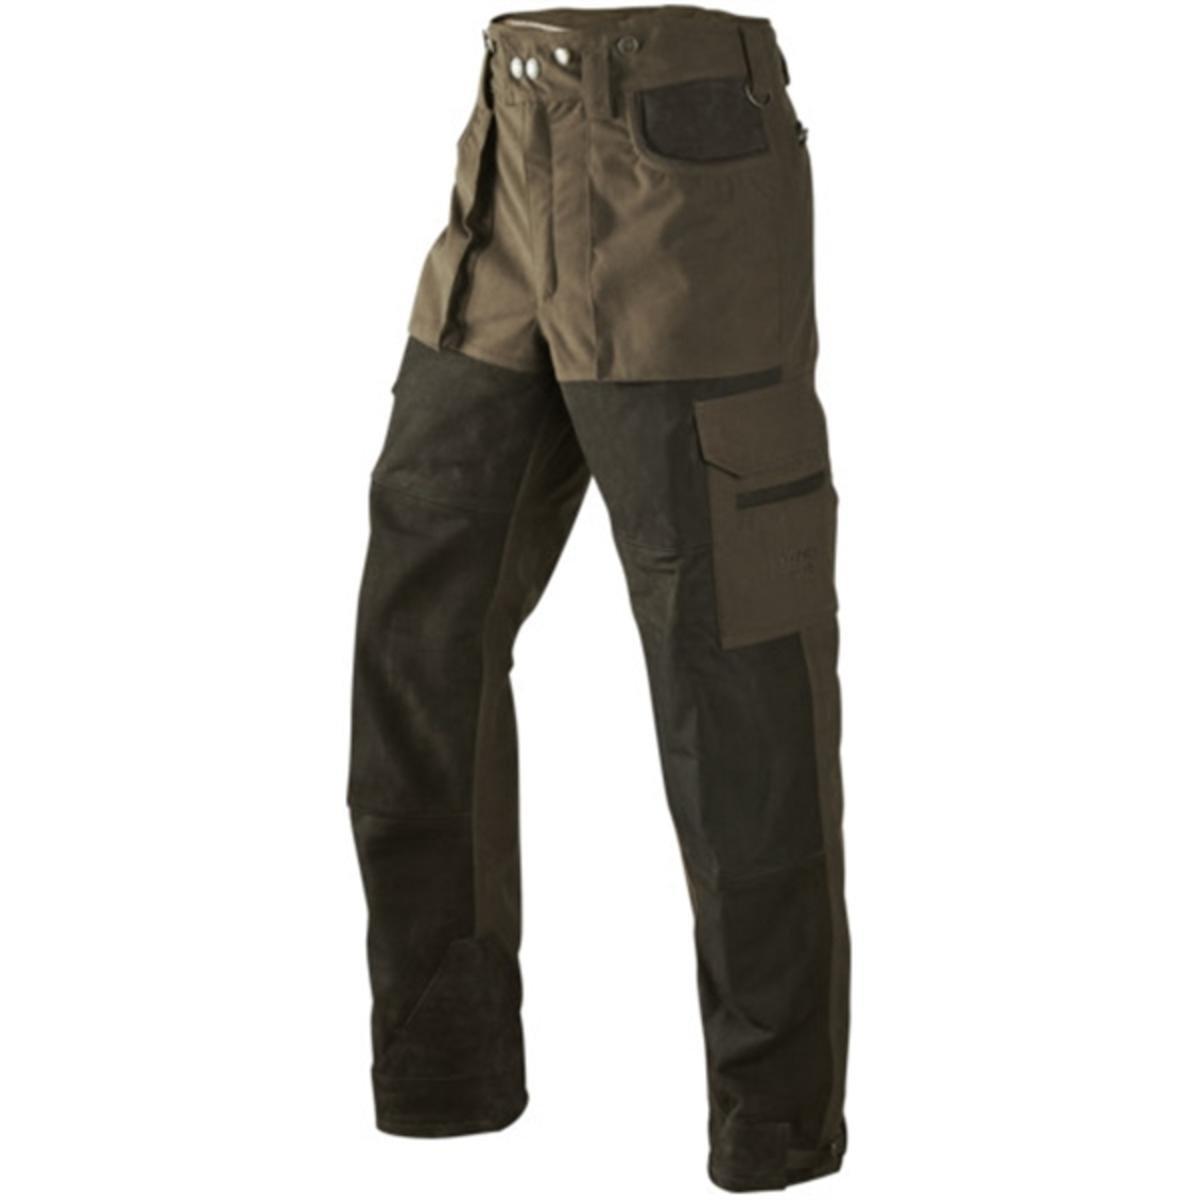 Harkila Extremo X Pantalones Caza Verde - Verde, 44W x 33L: Amazon.es: Deportes y aire libre